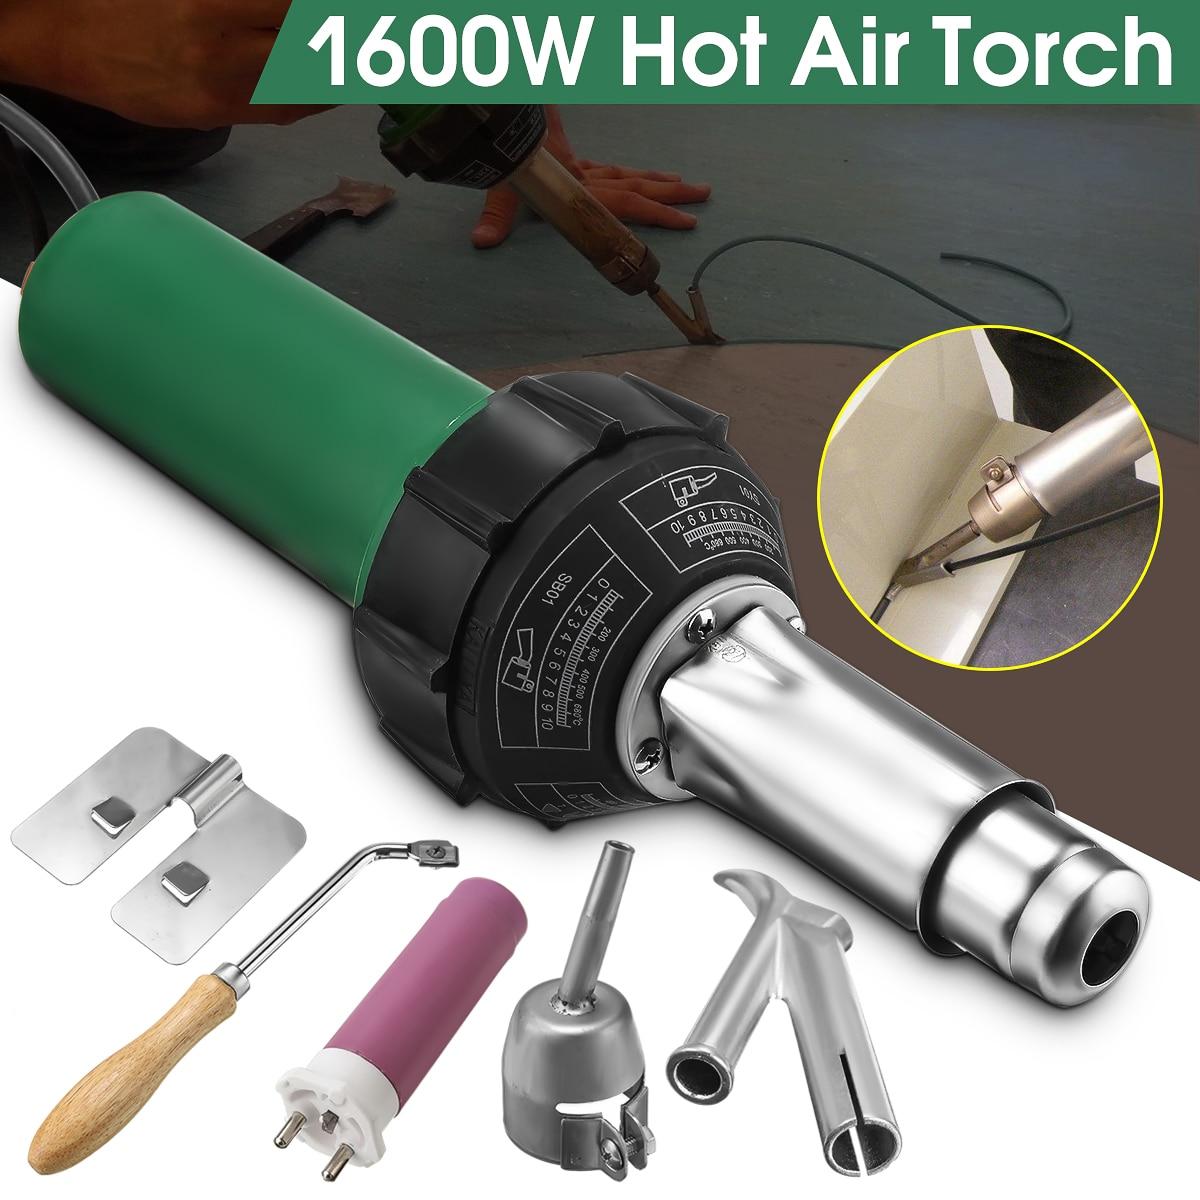 Pistolet de torche de soudure en plastique d'air chaud électronique de 1600 W 50/60 HZ AC 220 V avec le Kit de bouche de chapeau de noyau de chauffage de buse pour la Machine de soudure